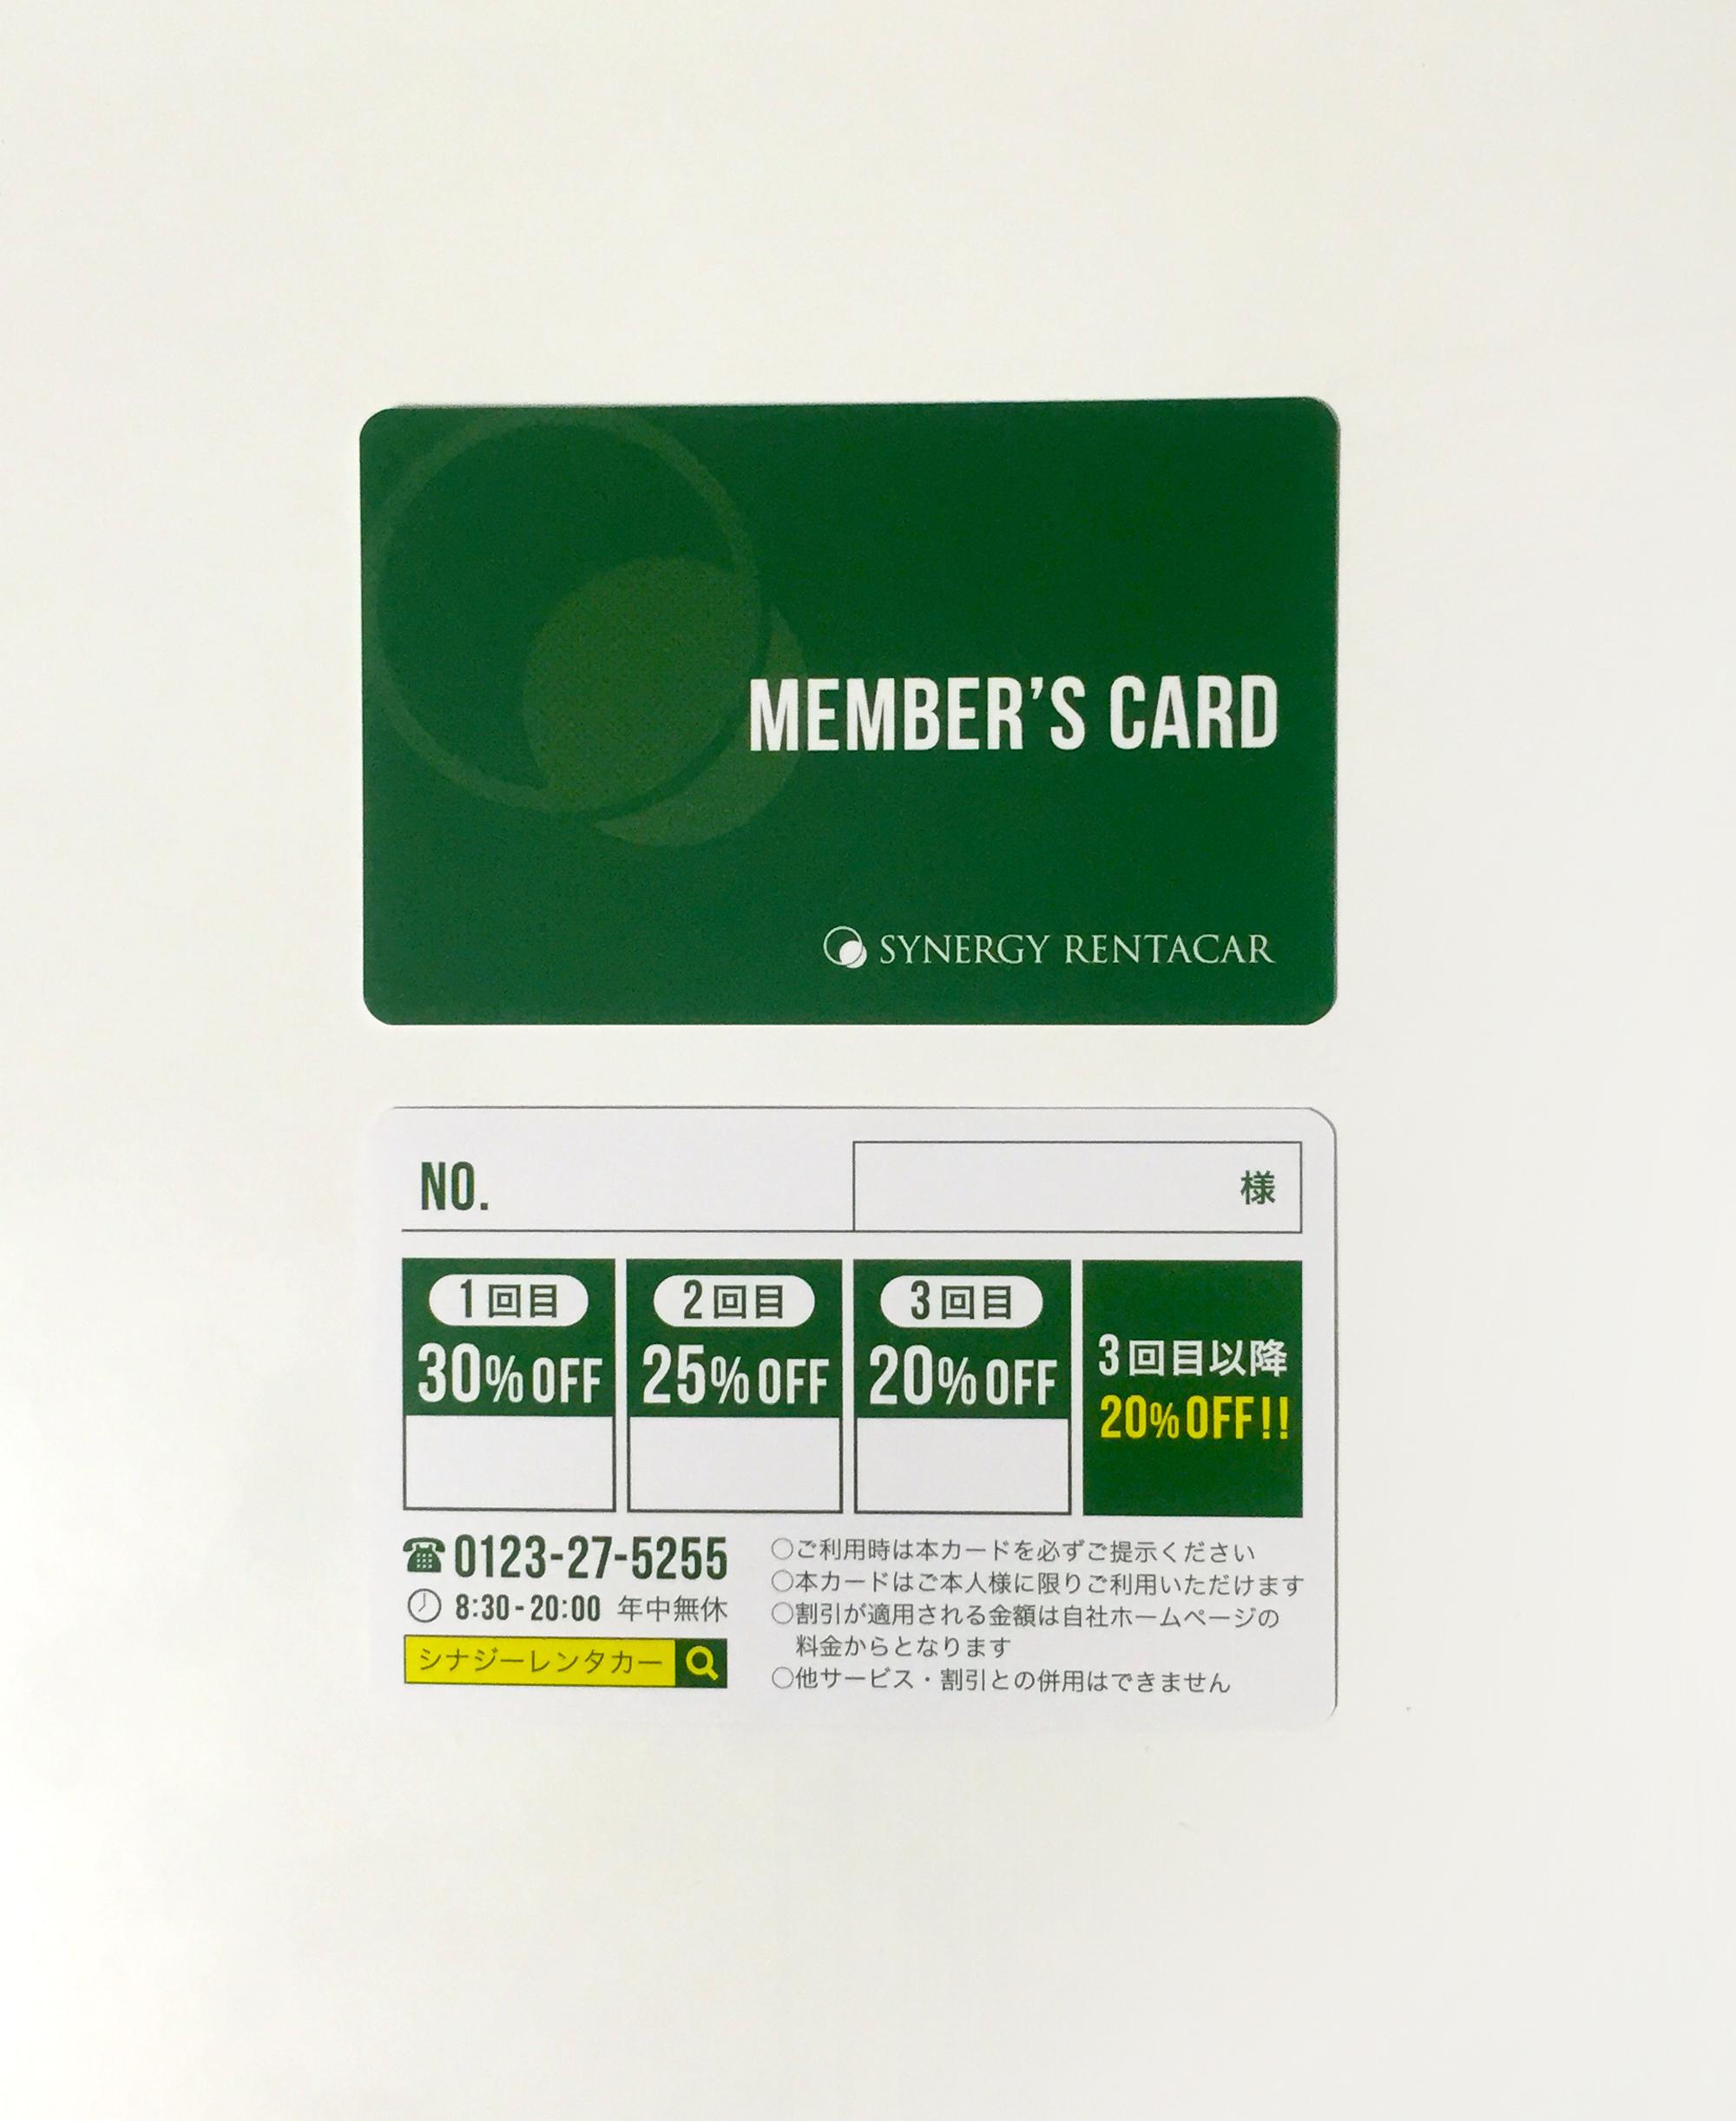 sng_memberscard_1